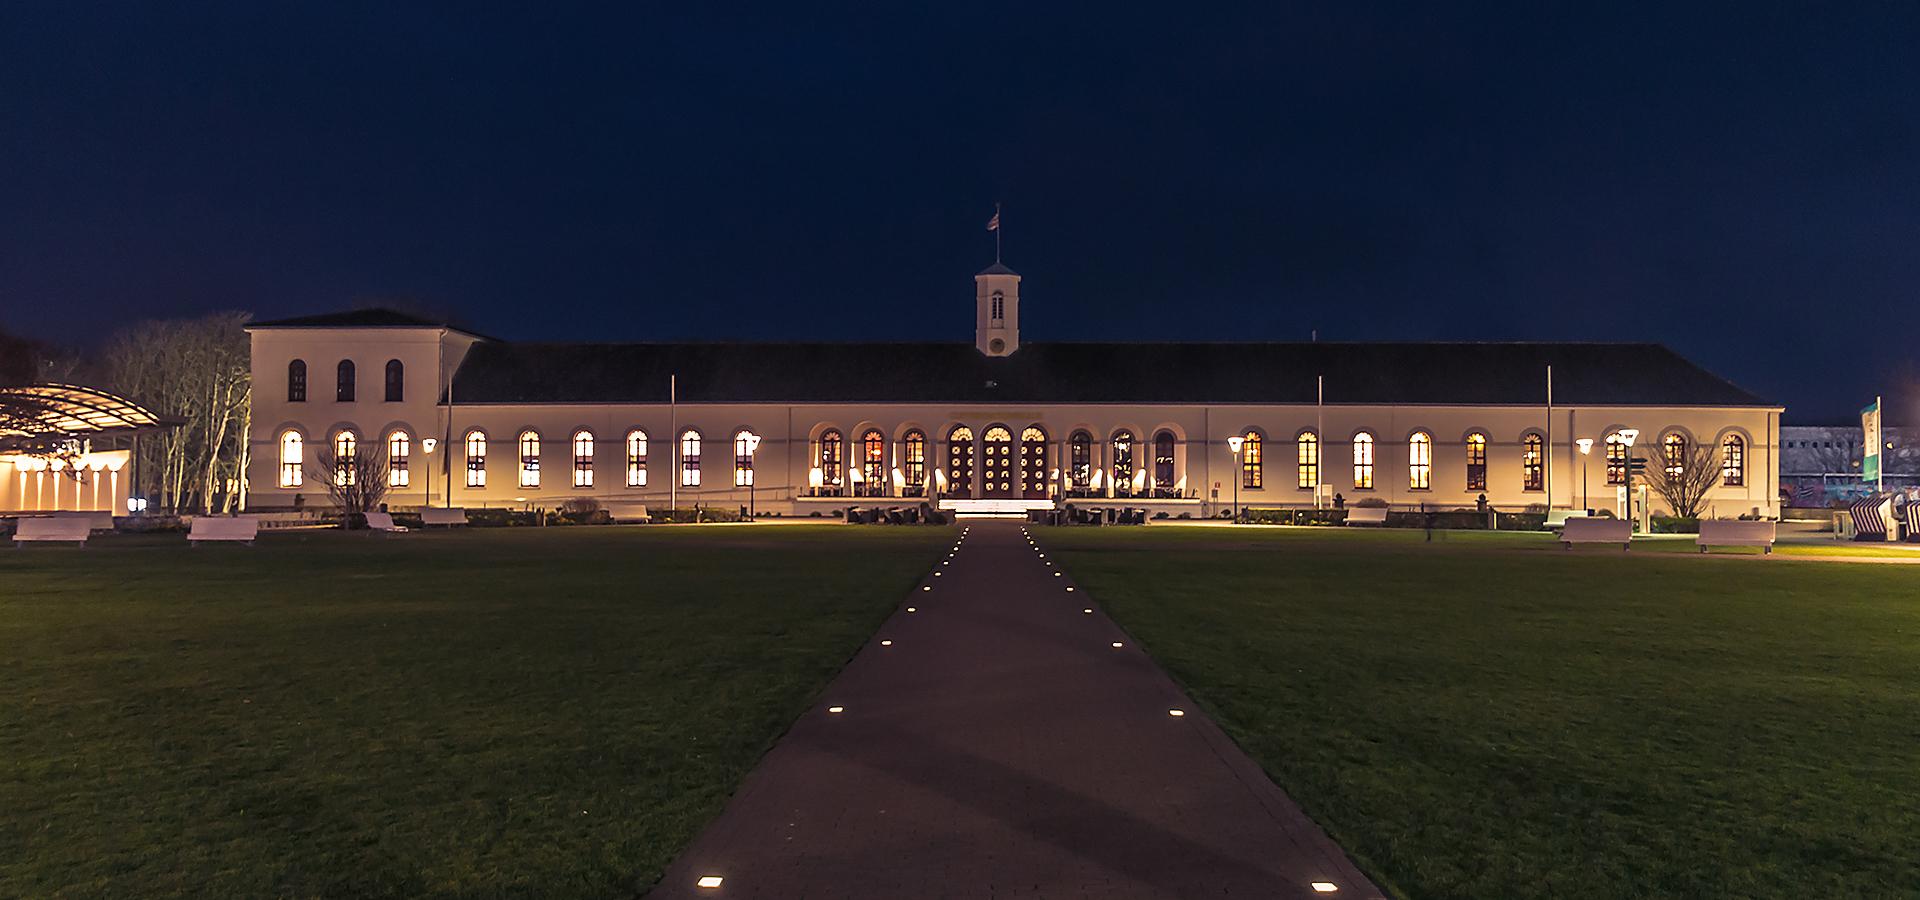 Norderney hotels veranstaltungen for Designhotel norderney